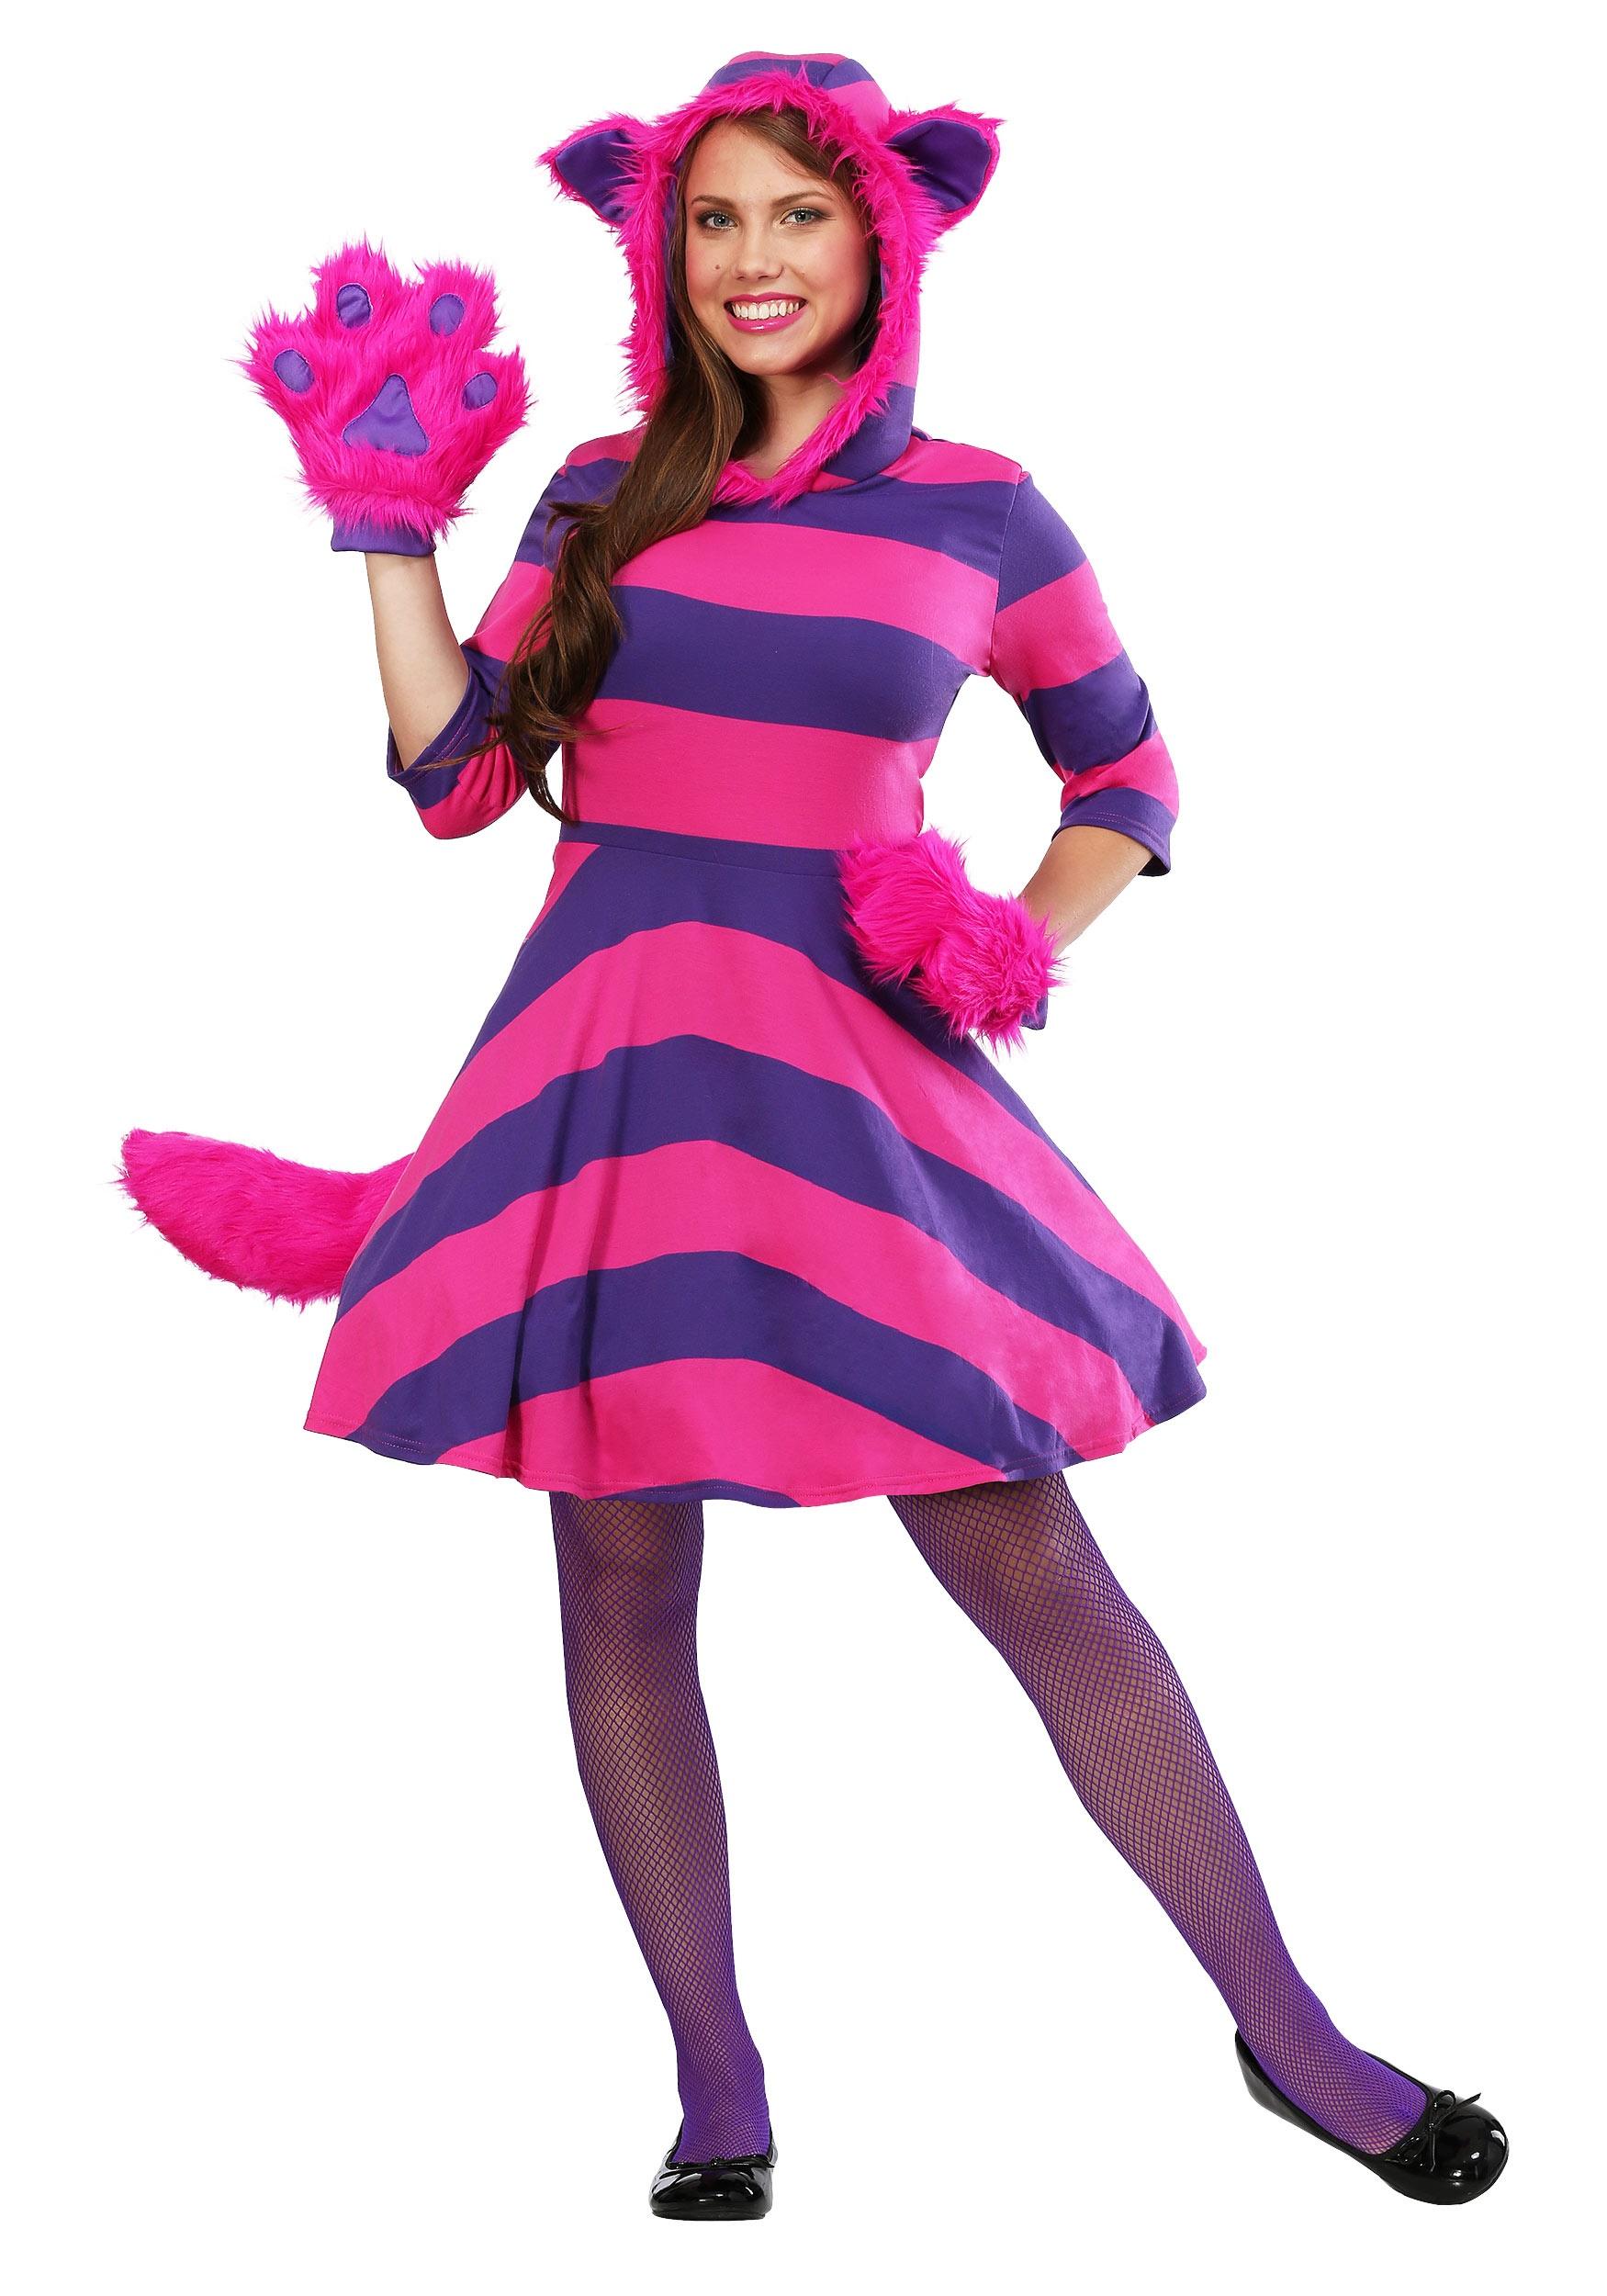 Cheshire Cat Costume for Women